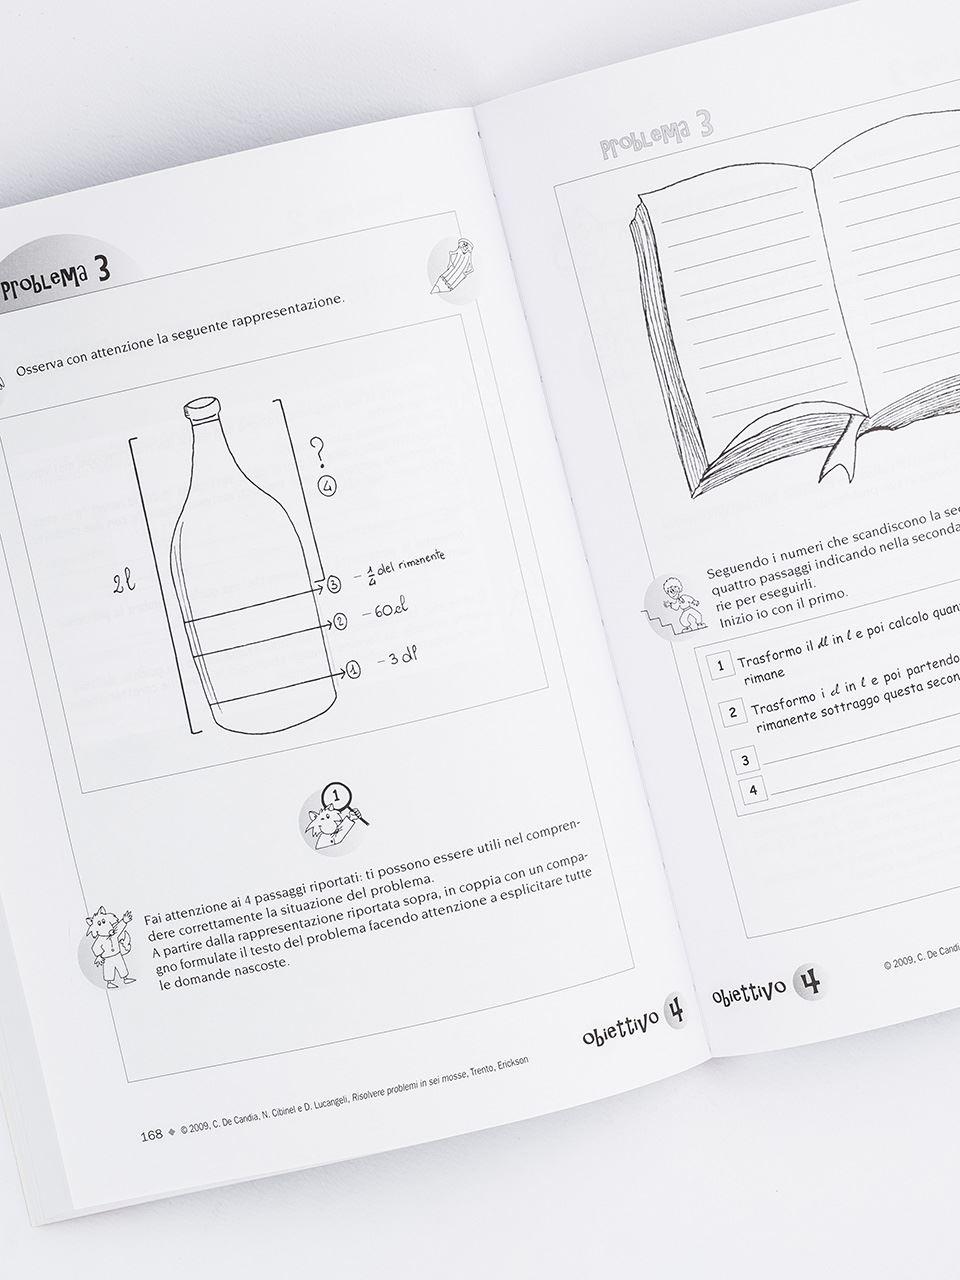 Risolvere problemi in 6 mosse - Libri - App e software - Erickson 2